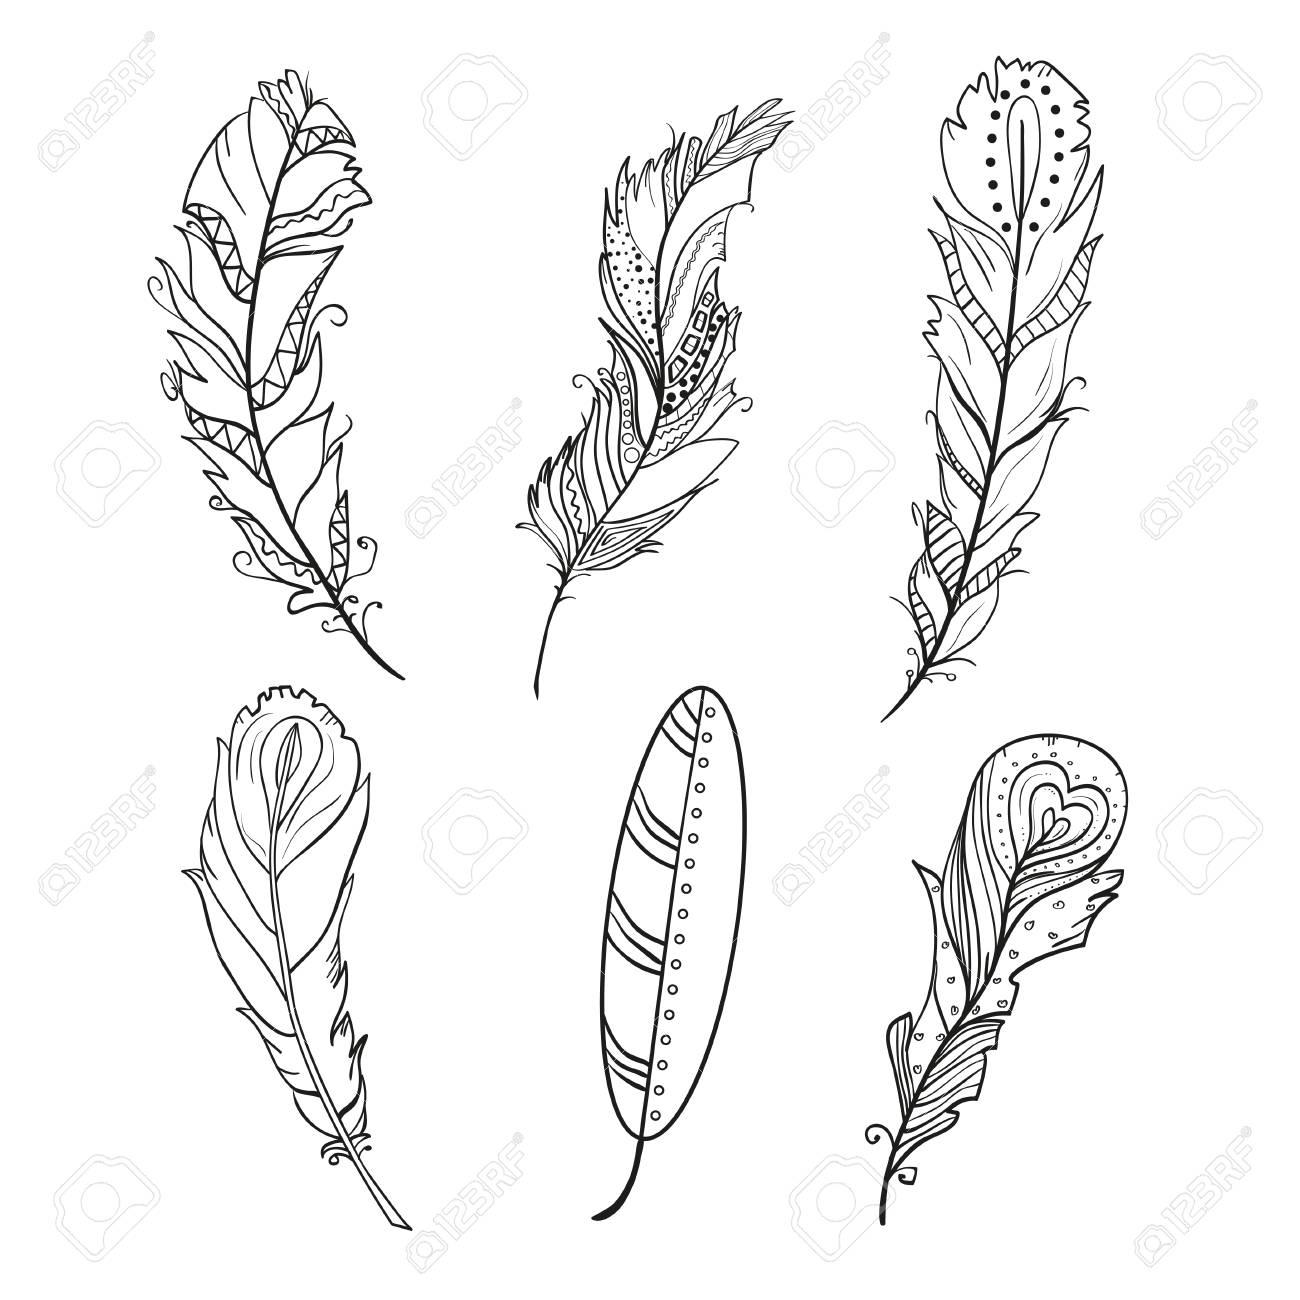 Plumas Diseño Plumas Dibujadas A Mano Con Patrones En El Fondo De Aislamiento Diseño Para La Relajación Espiritual Para Adultos Ilustración En